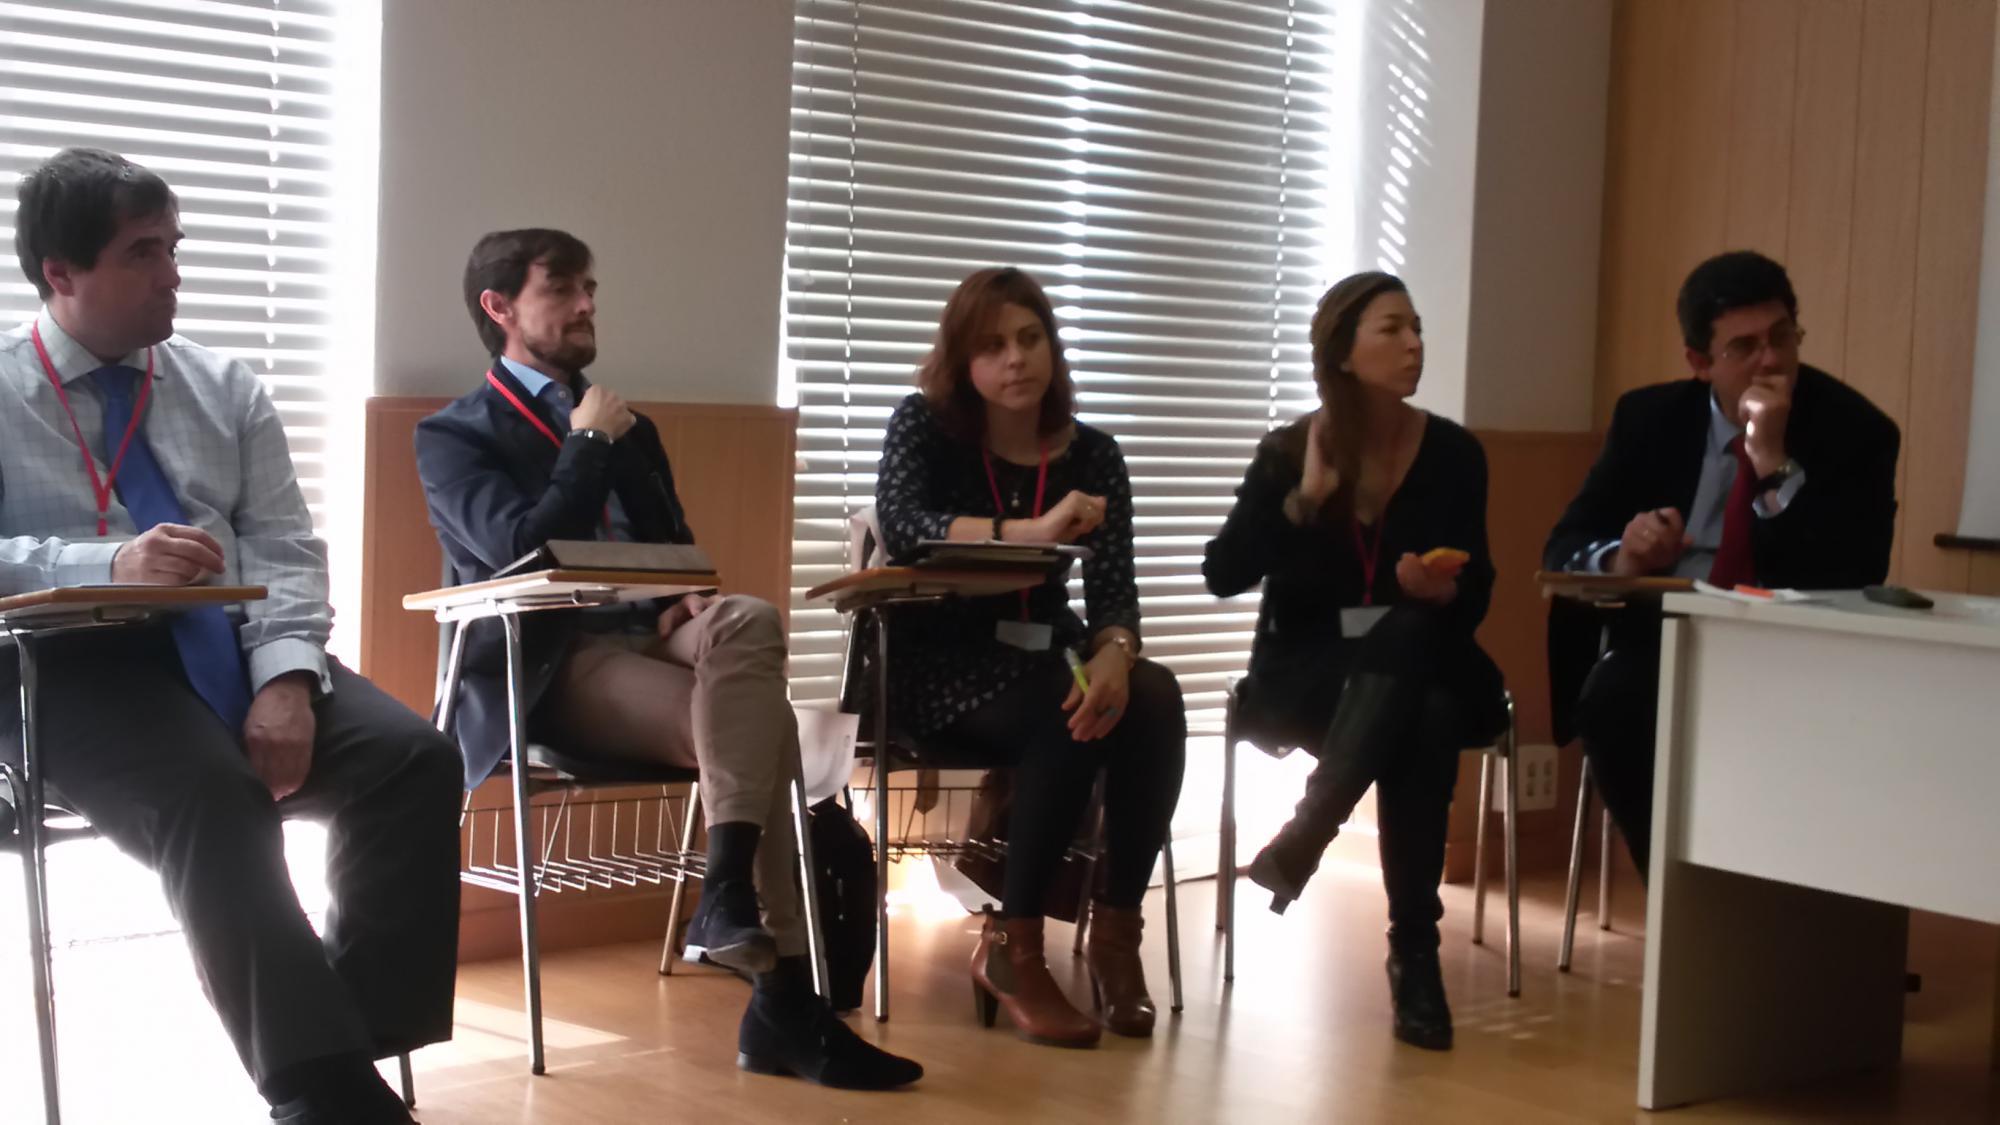 Celebrado el II Encuentro de representantes de Asociaciones Empresariales de la Zona Noroeste y Norte de la Comunidad de Madrid.